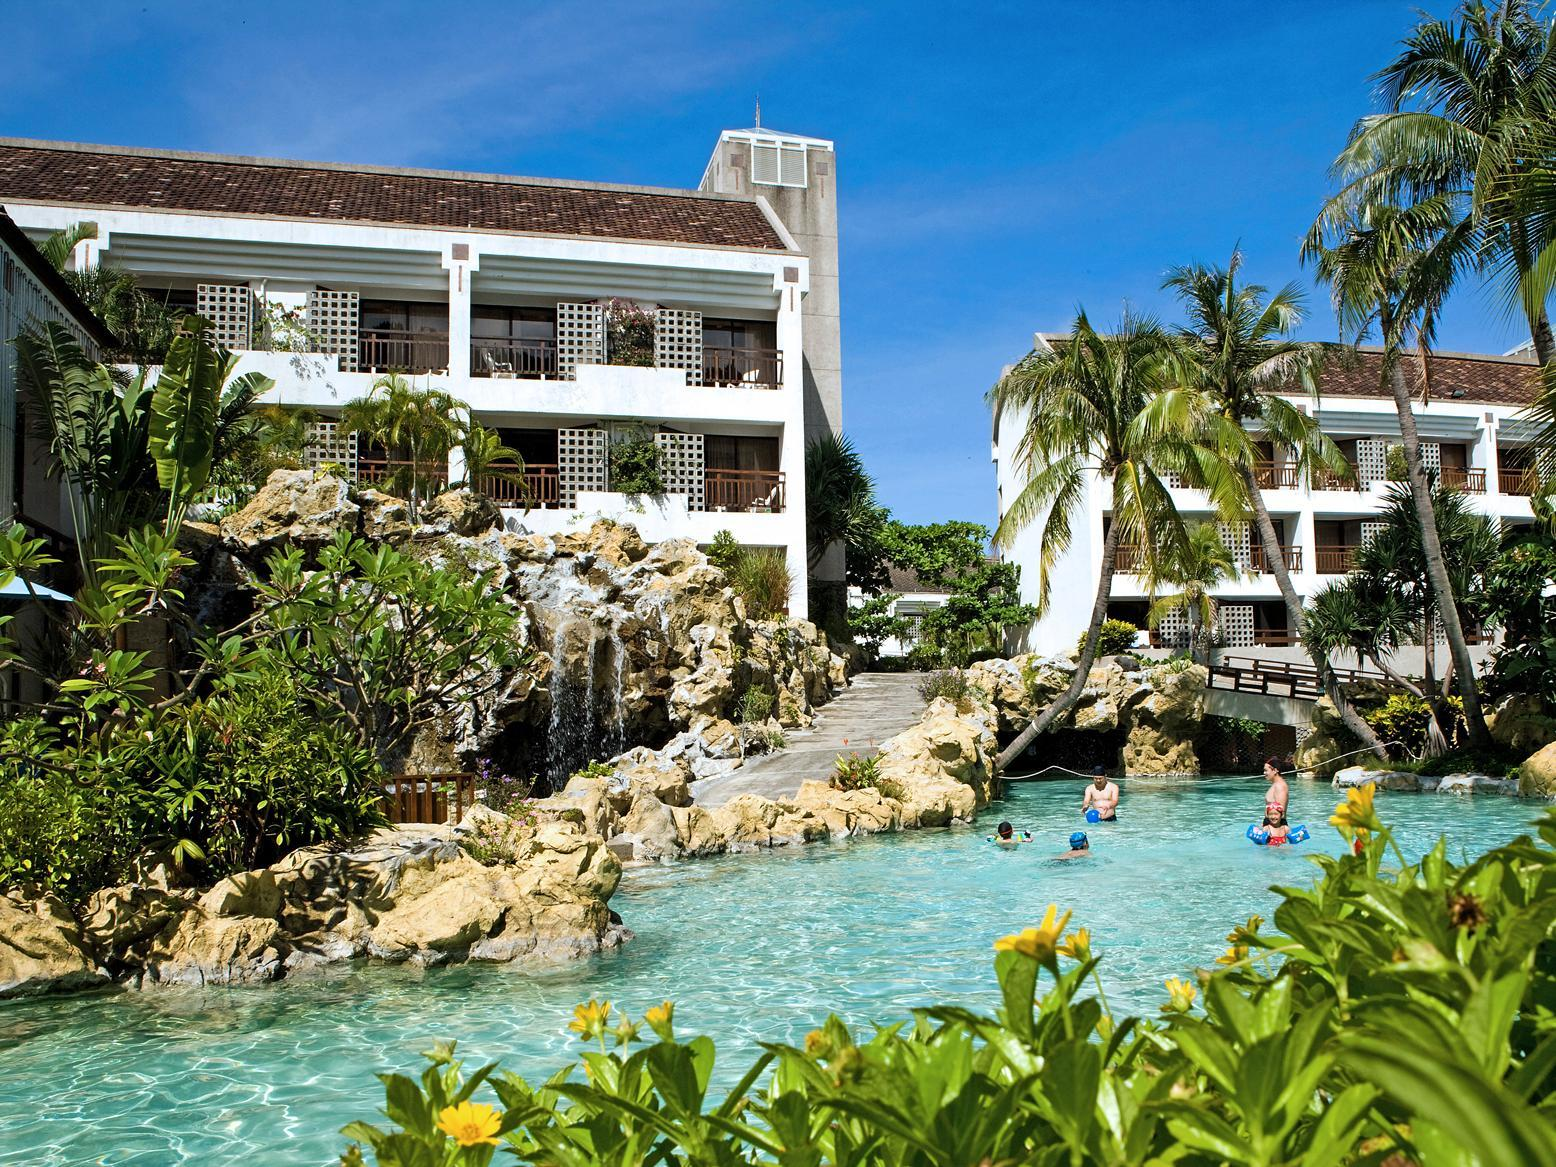 yoho beach resort in kenting room deals photos reviews rh agoda com